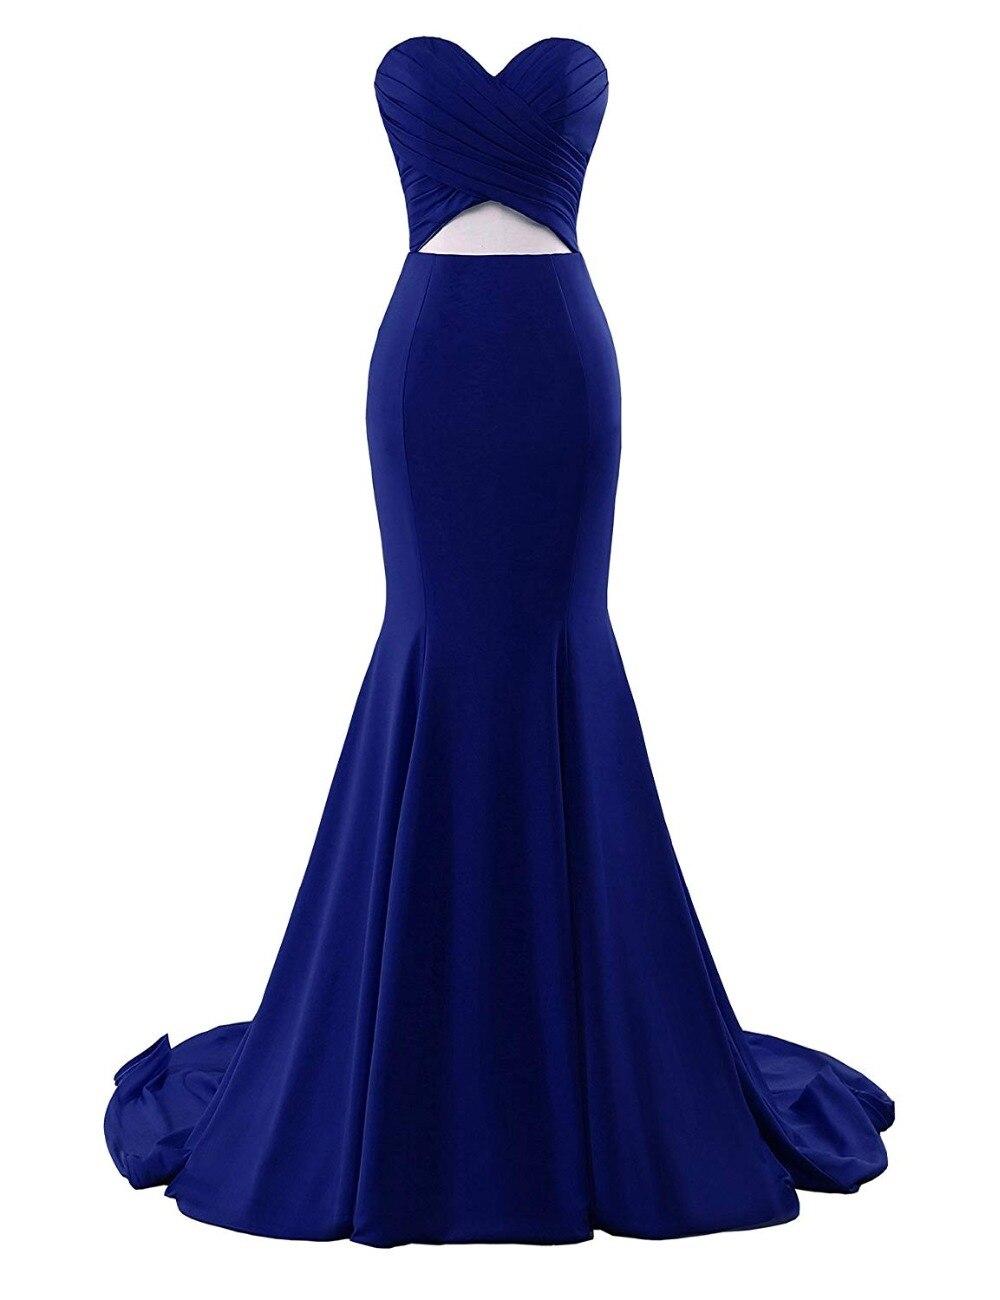 JaneVini vestido de fiesta de sirena rojo árabe 2018 escote corazón largo vestidos de dama de honor Sexy Dubai botón señora Formal vestido - 6